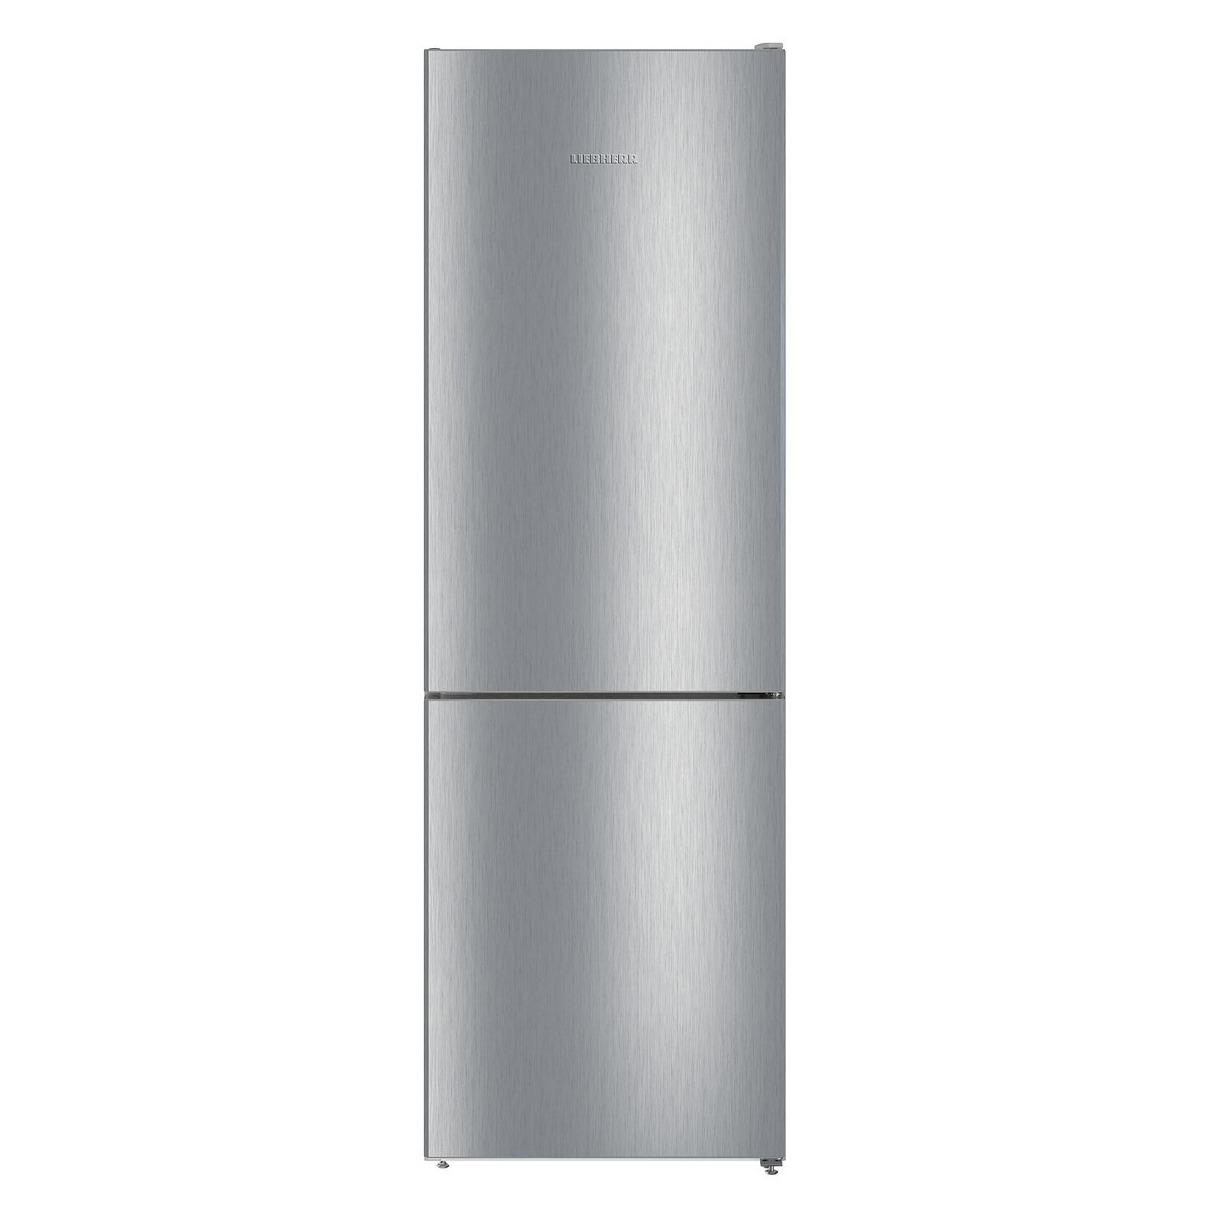 Liebherr koelkast met vriesvak CPel 4313-20 edelstaal